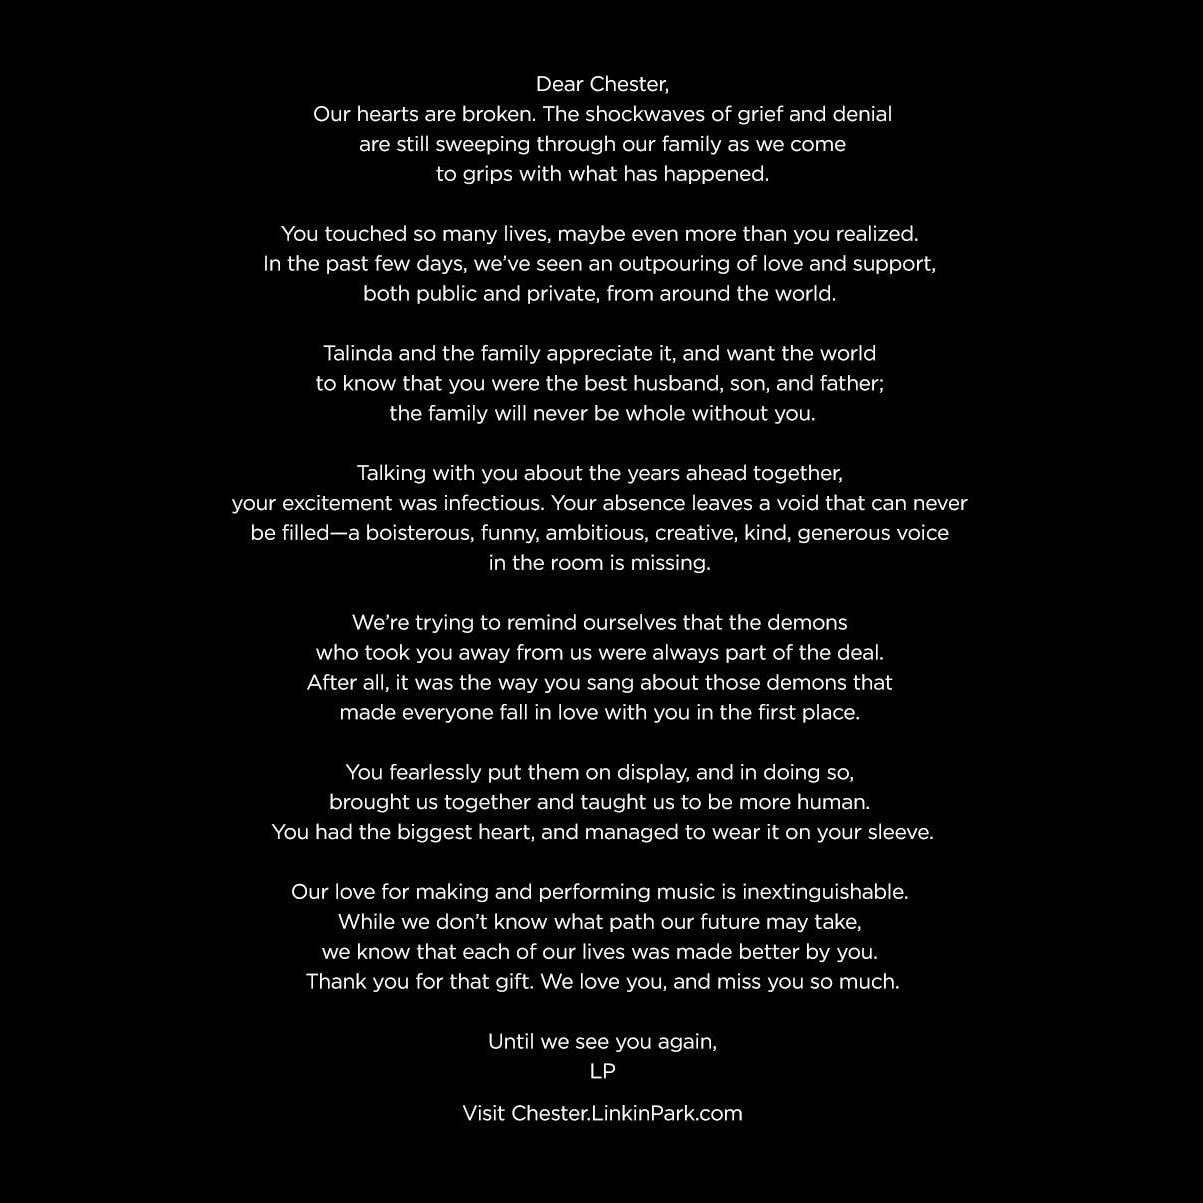 Linkin Park Chester Bennington Letter instagram social media open death passing ode tribute honor